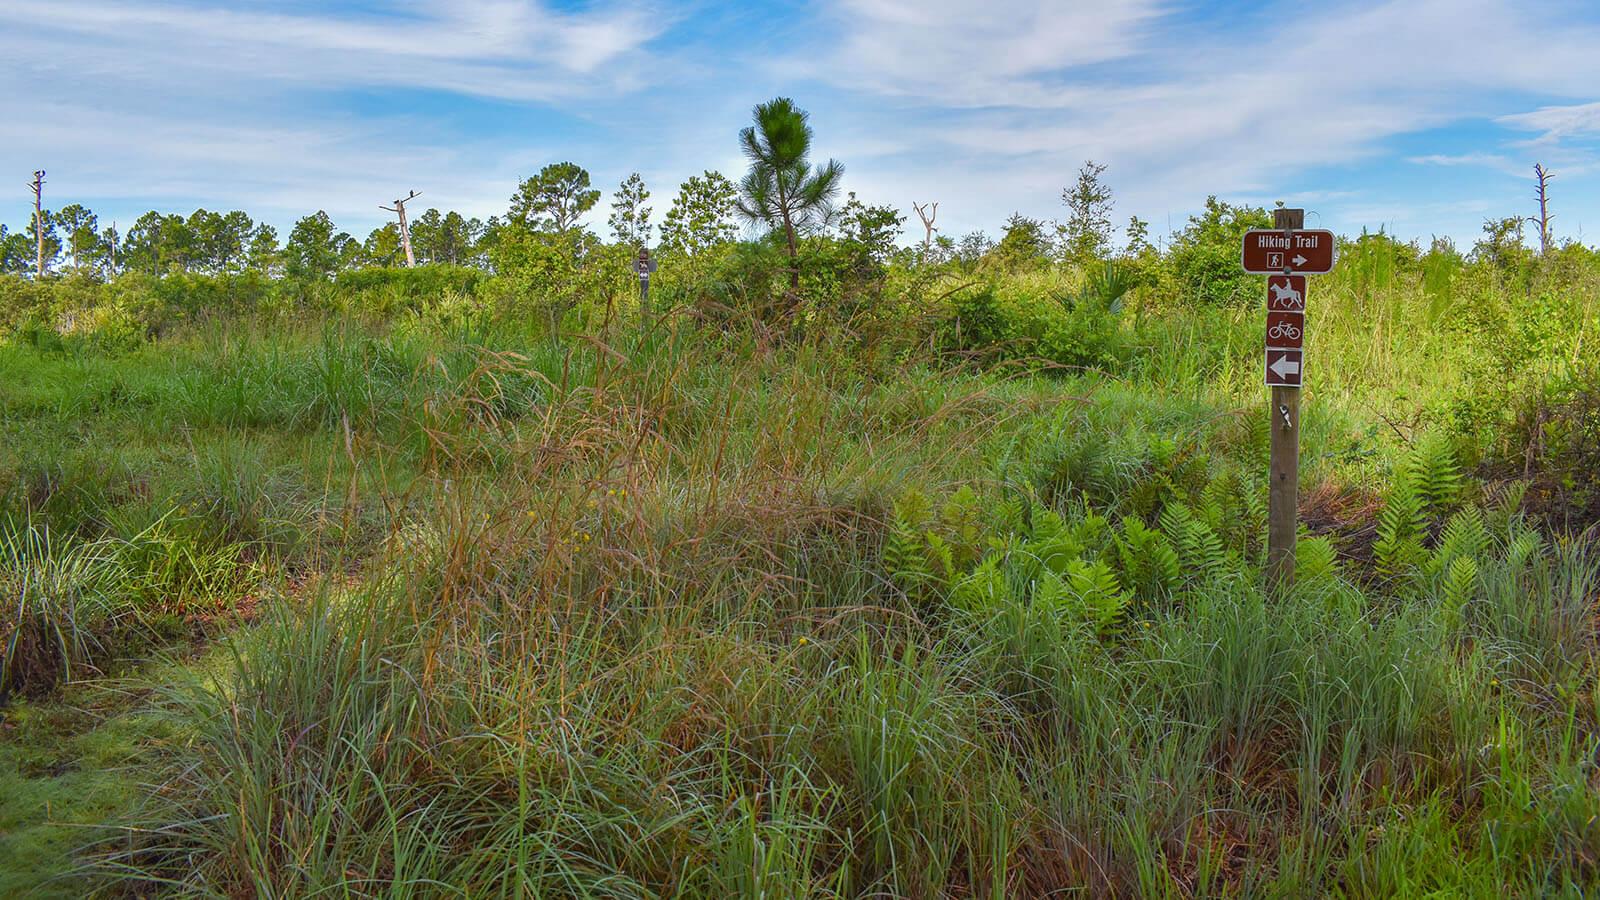 Trail sign amid tall grass